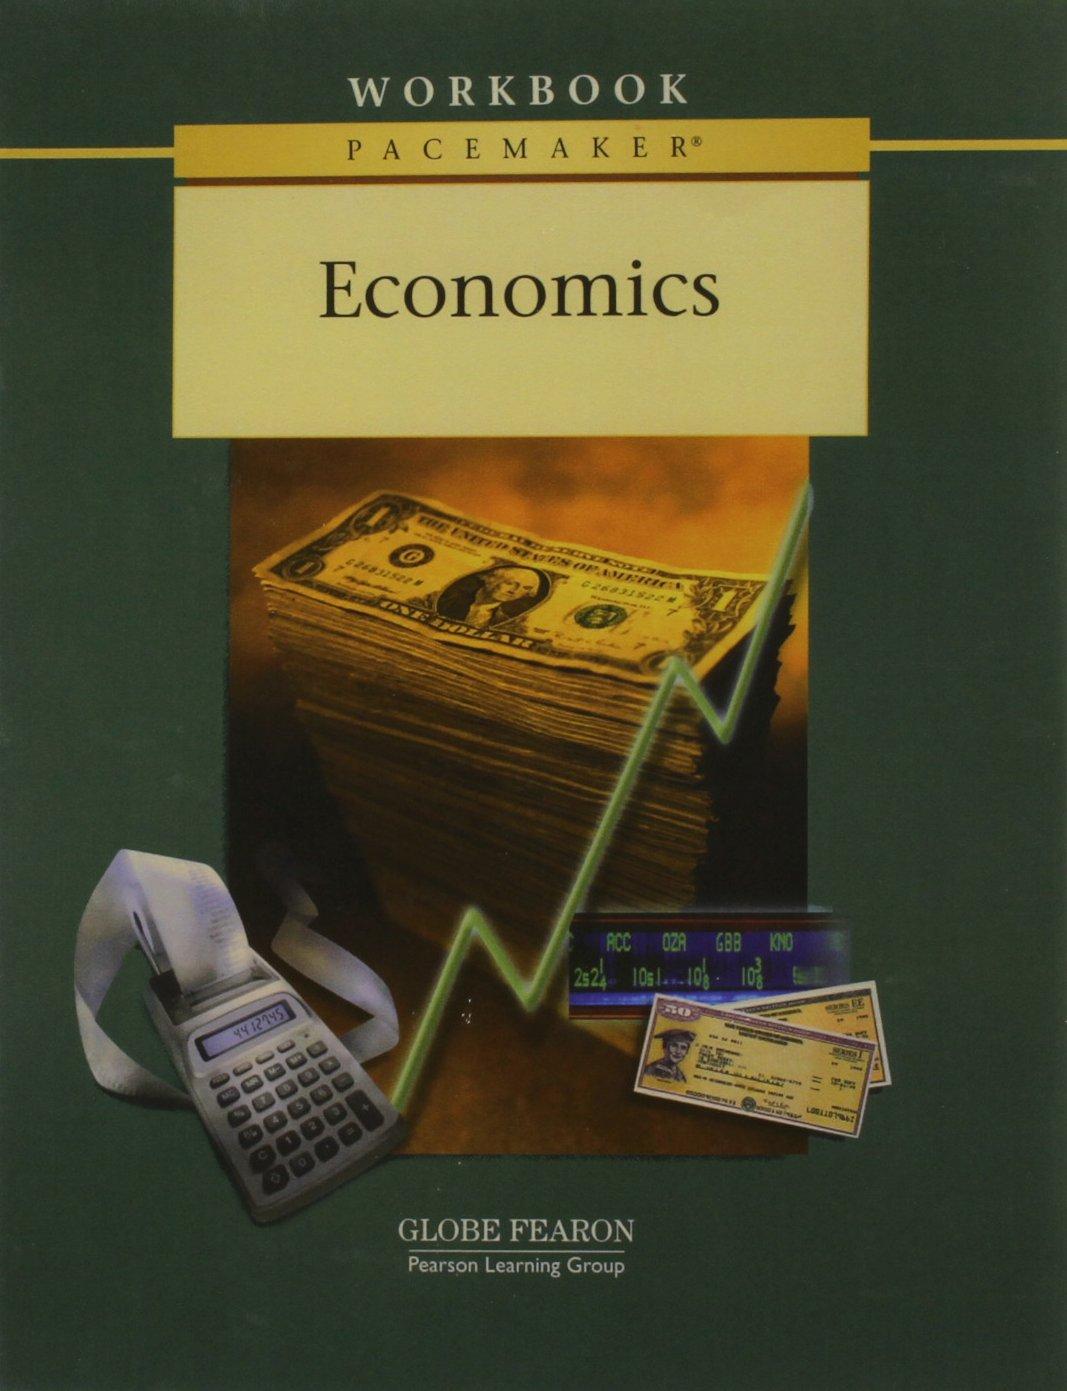 Pacemaker Economics Workbook